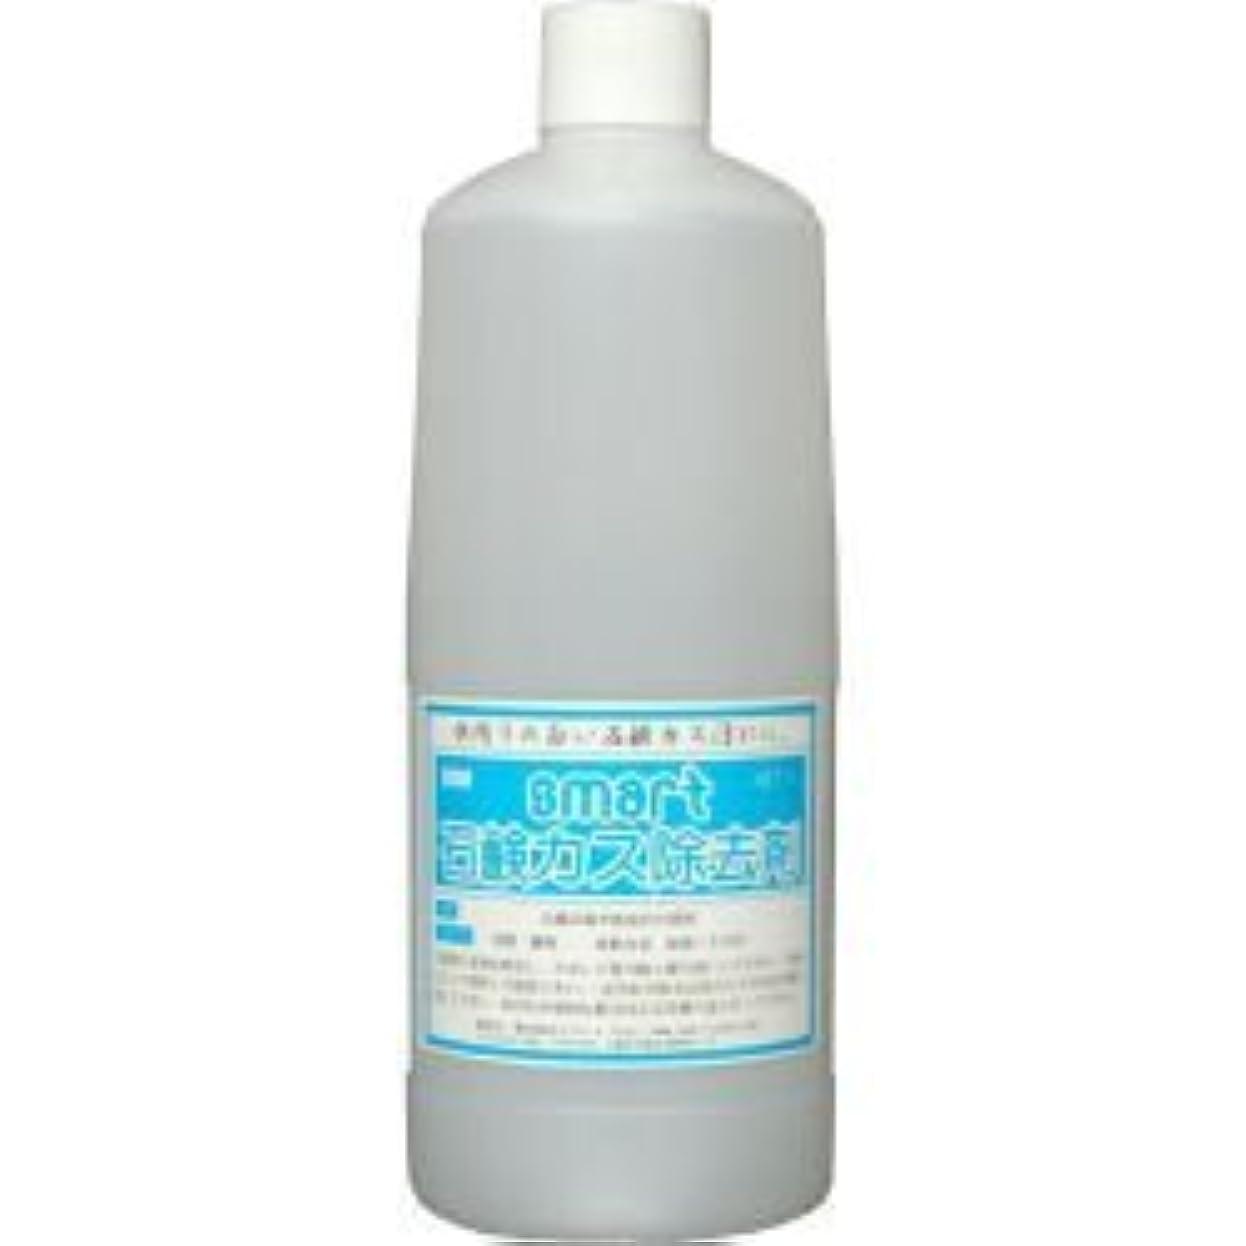 物理的な結果野球スマート石鹸カス除去剤 1L